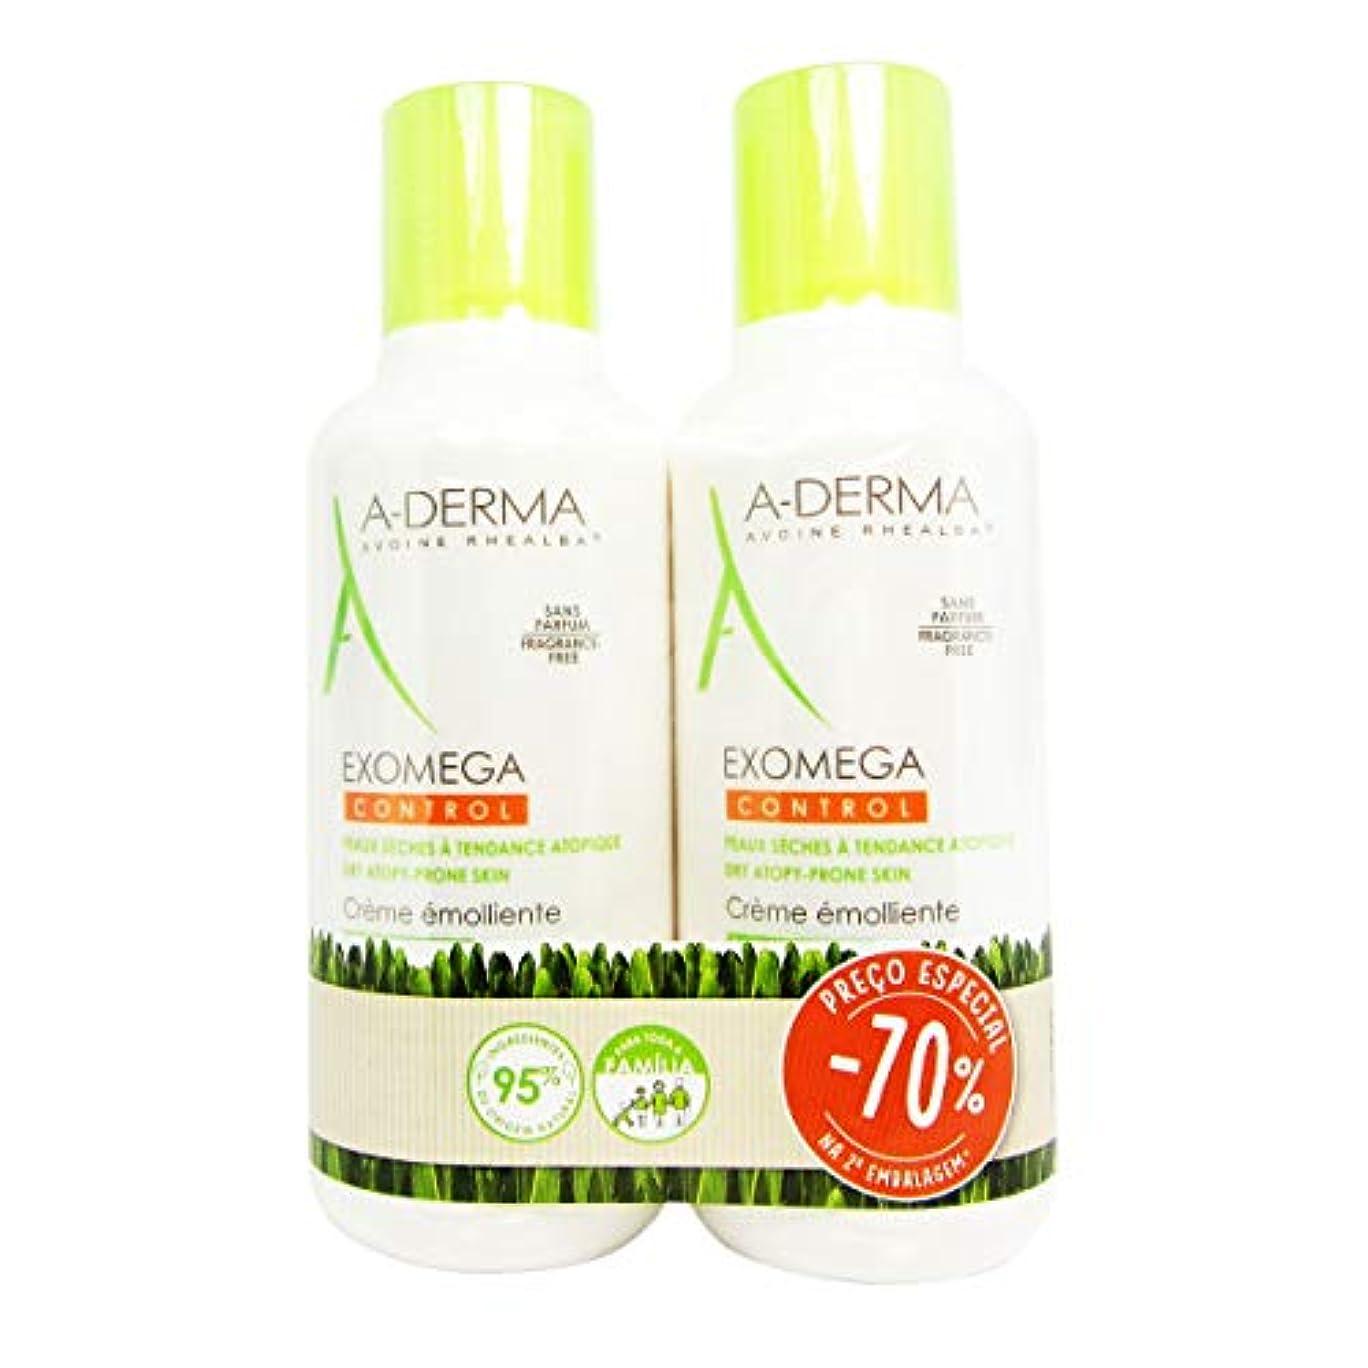 必需品不良品上記の頭と肩A-Derma Exomega Control Emollient Cream 400mlx2